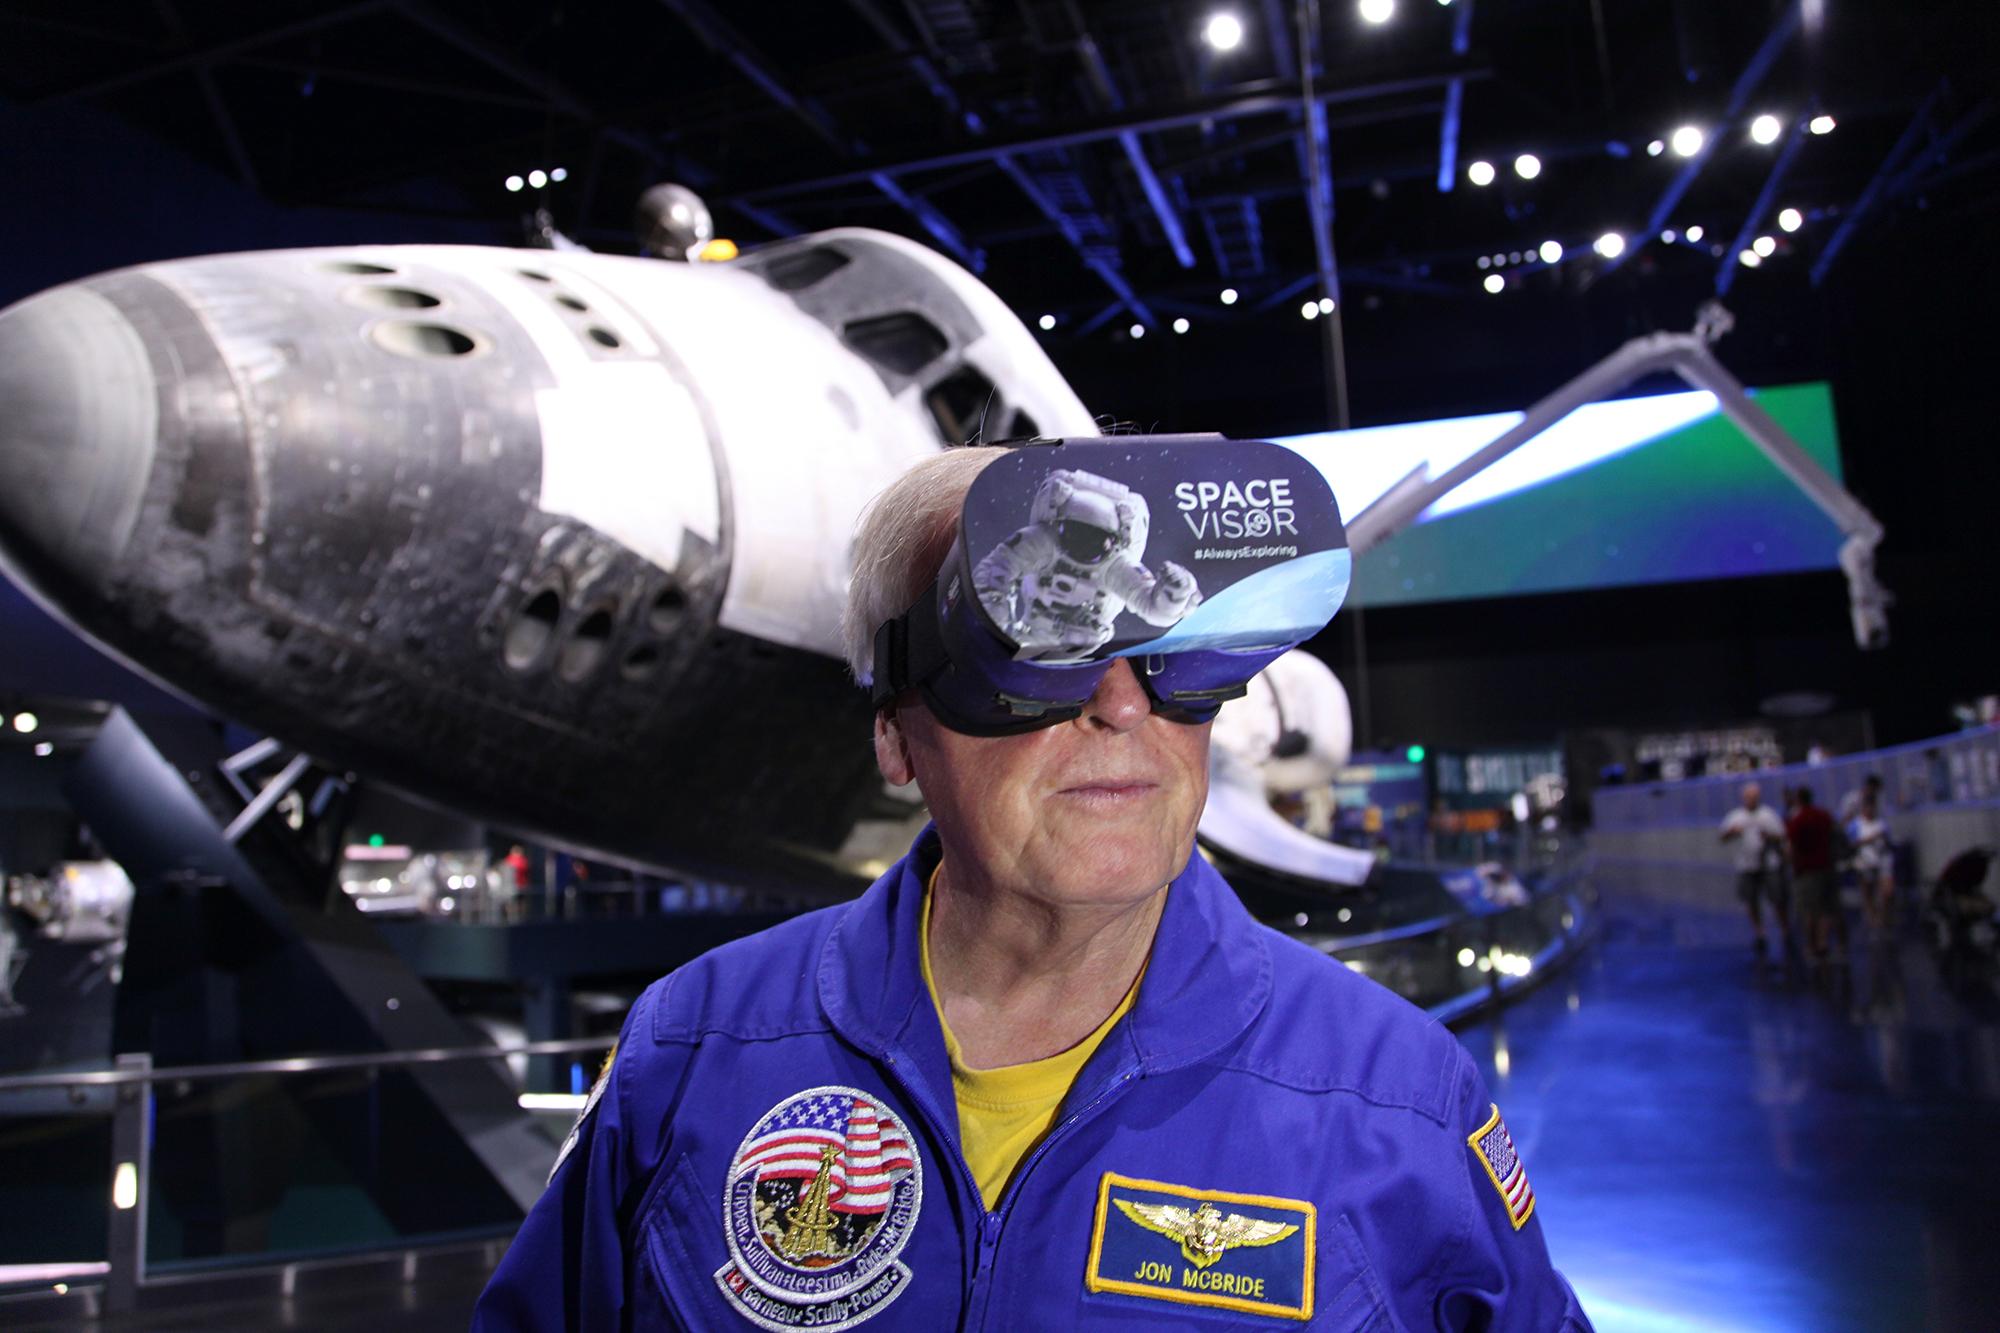 space visor 2.jpg